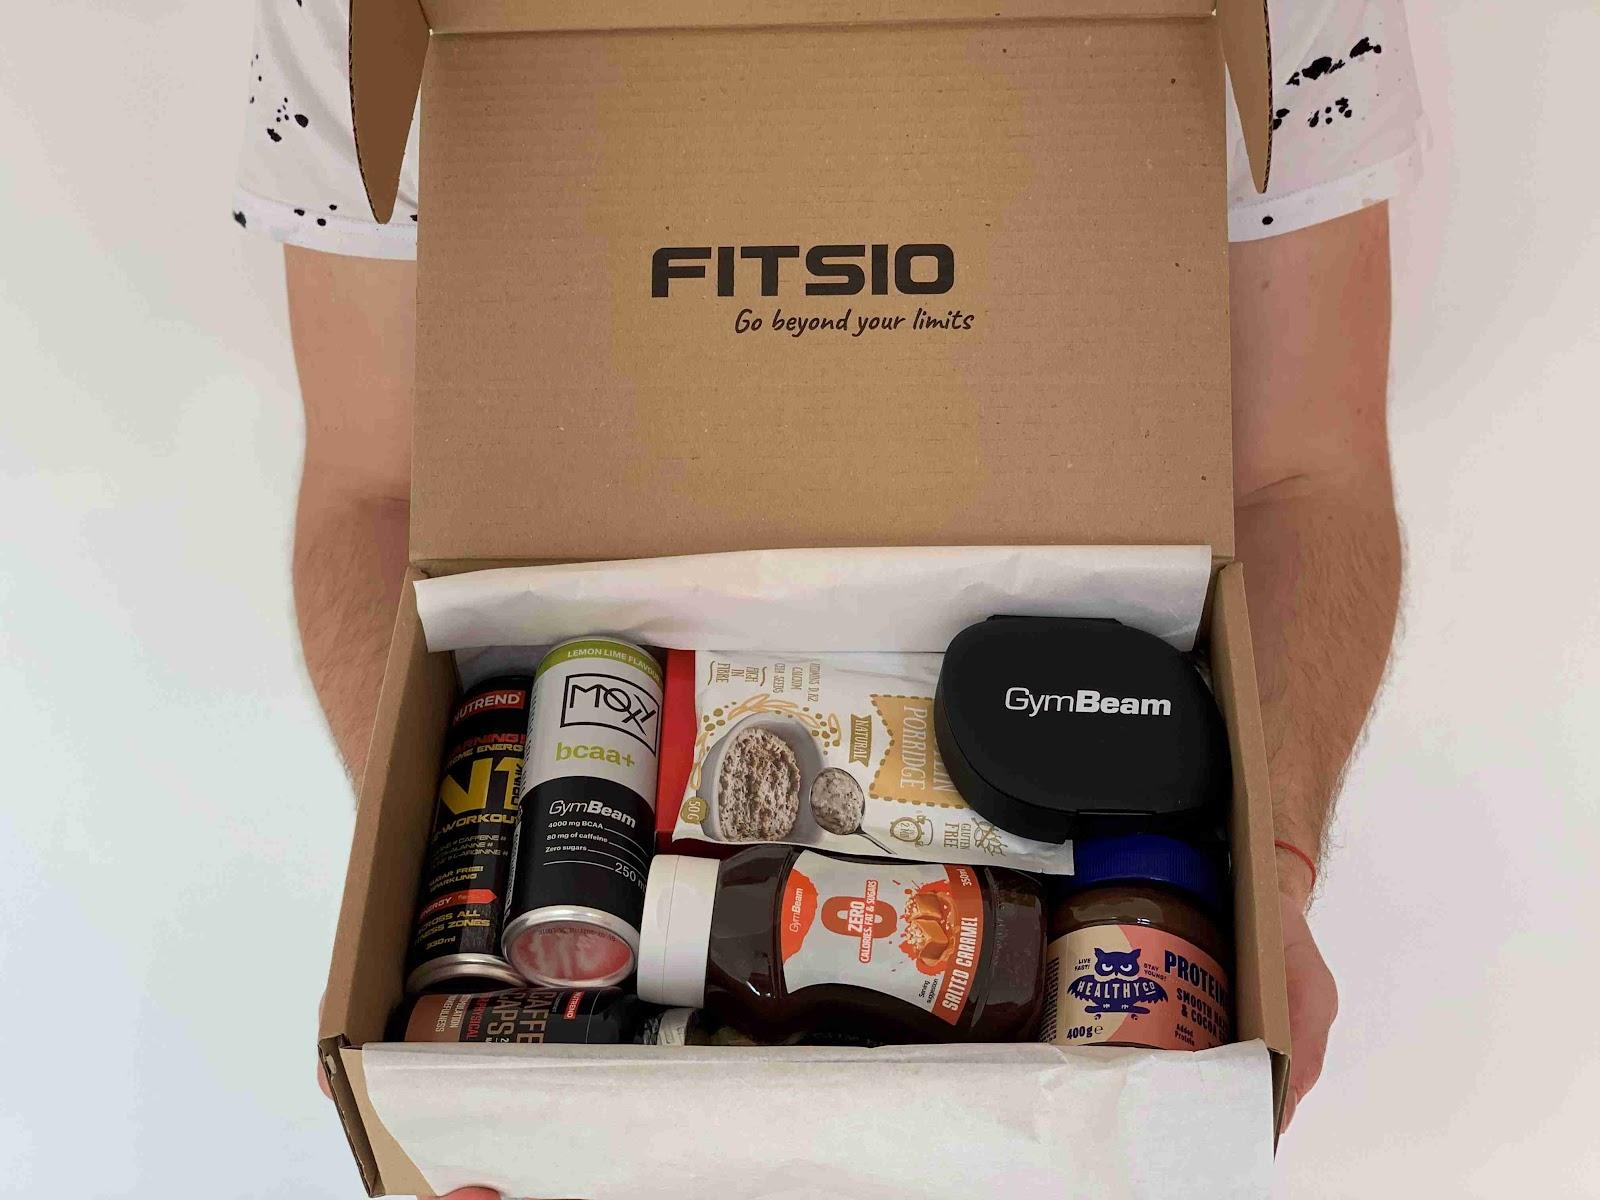 Recenze Fitsio.cz: Měsíční fitness box pro muže